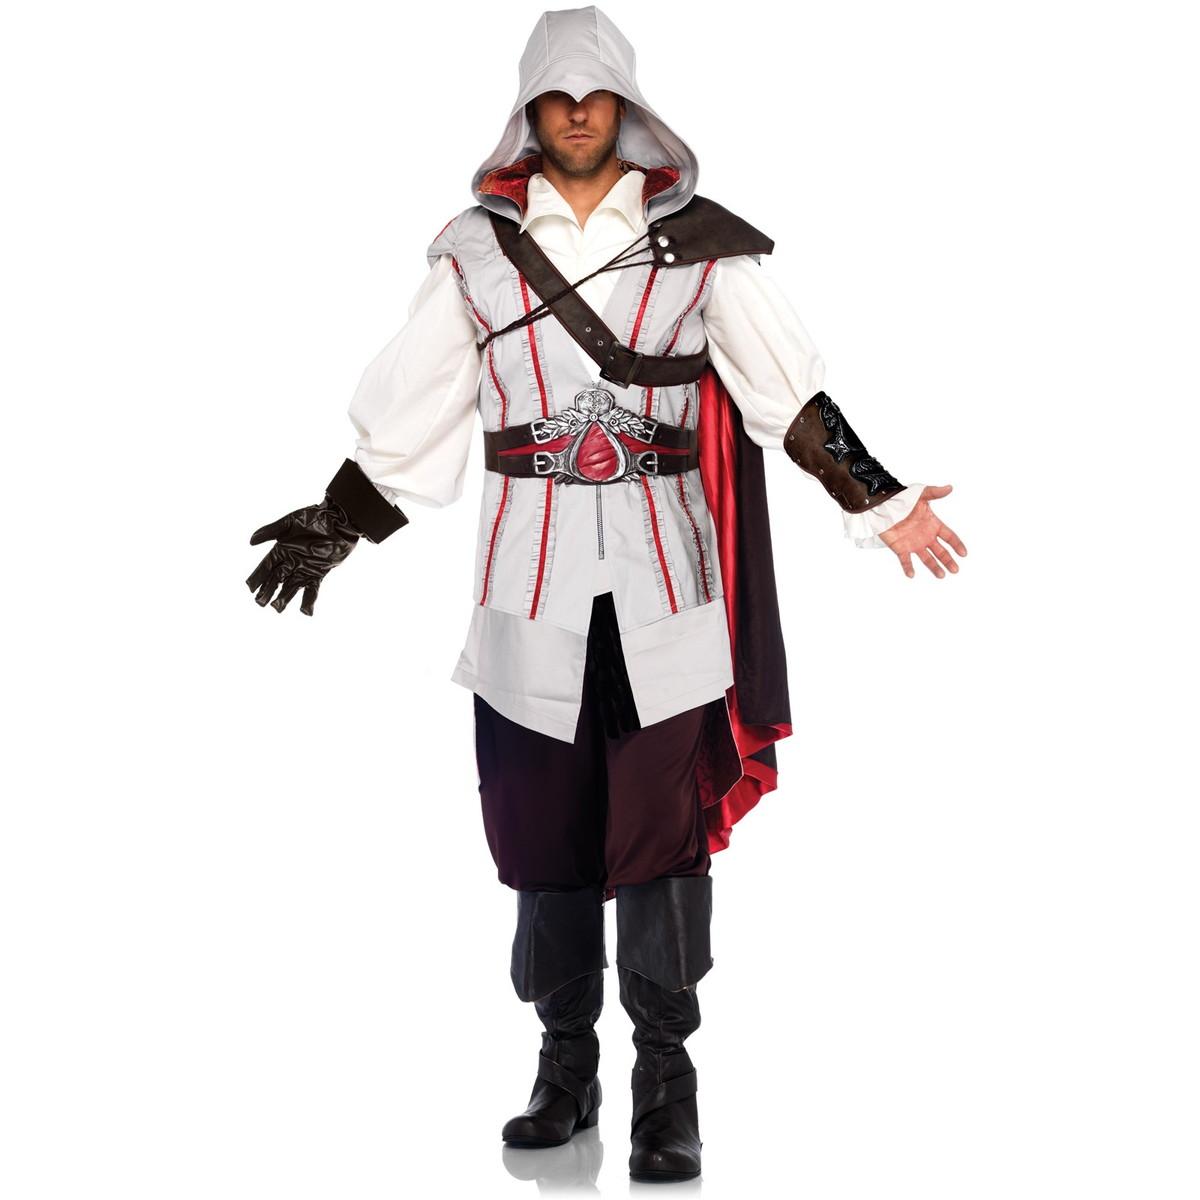 アサシンクリード エツィオ コスプレ コスチューム 衣装 Assassins Creed 大人用 ハロウィン 仮装 公式ライセンス グッズ